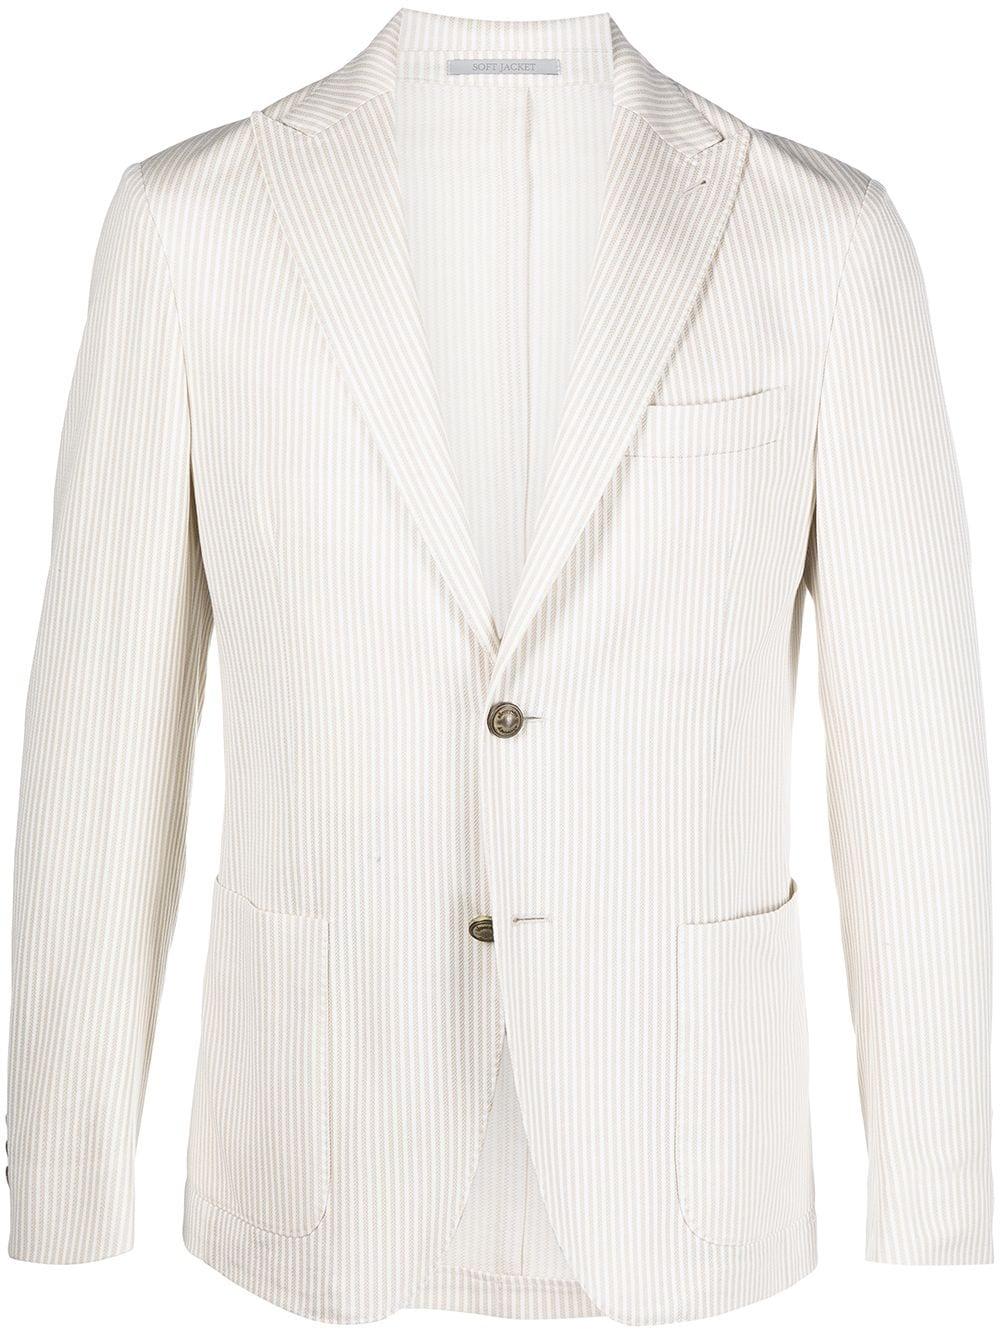 Blazer monopetto a righe in cotone bianco sporco con rever classico ELEVENTY | Giacche | C70GIAA05-TES0C11602